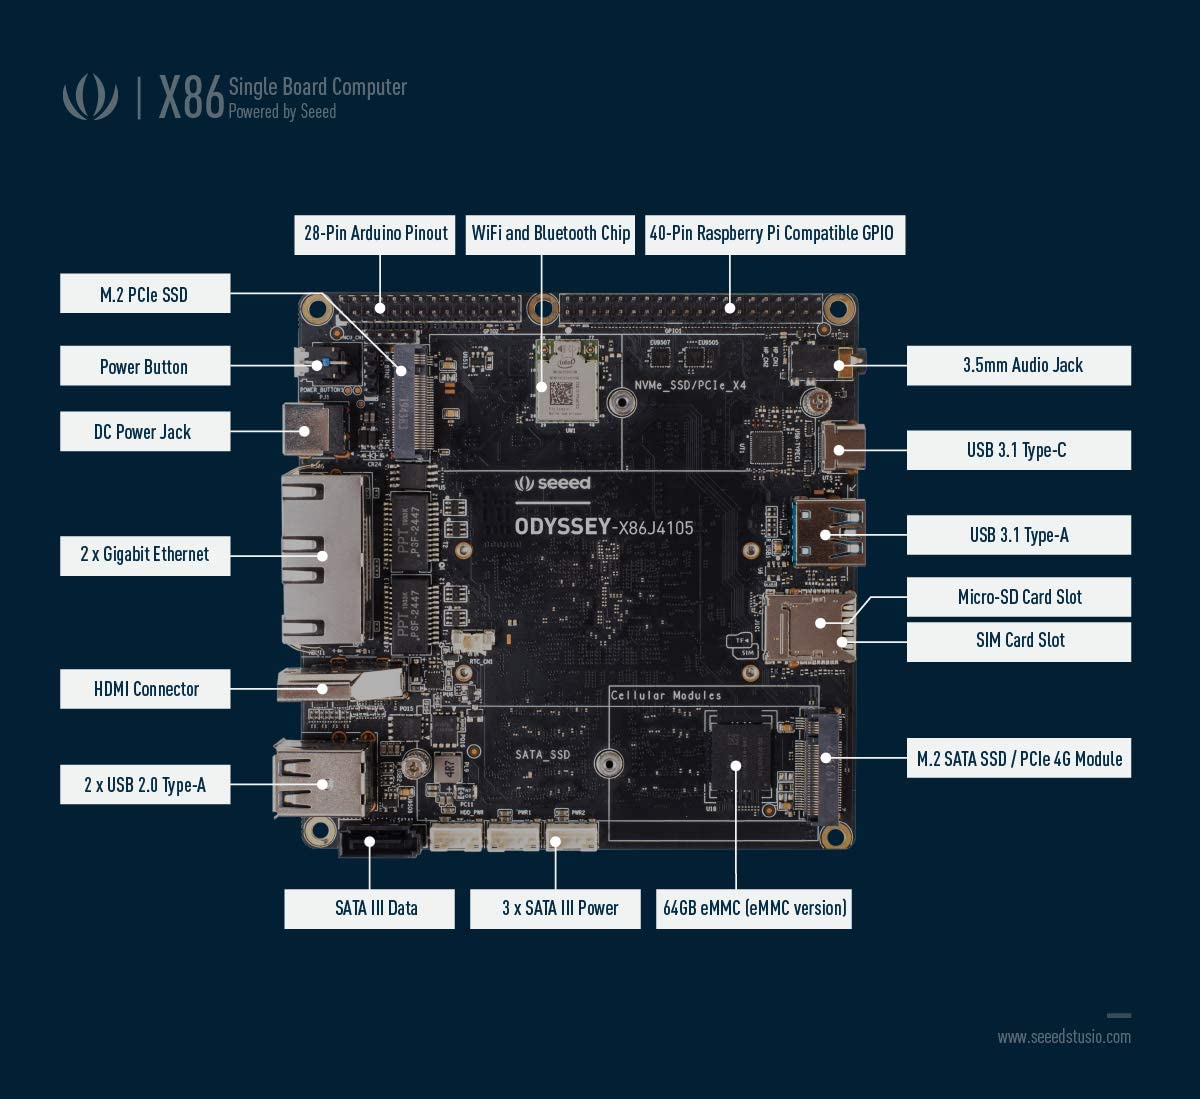 Raspberry Pi Jetson Nano seeed studio Re/_Computer Case Most Compatible Enclosure for Odyssey X86 Mini PC BeagleBone